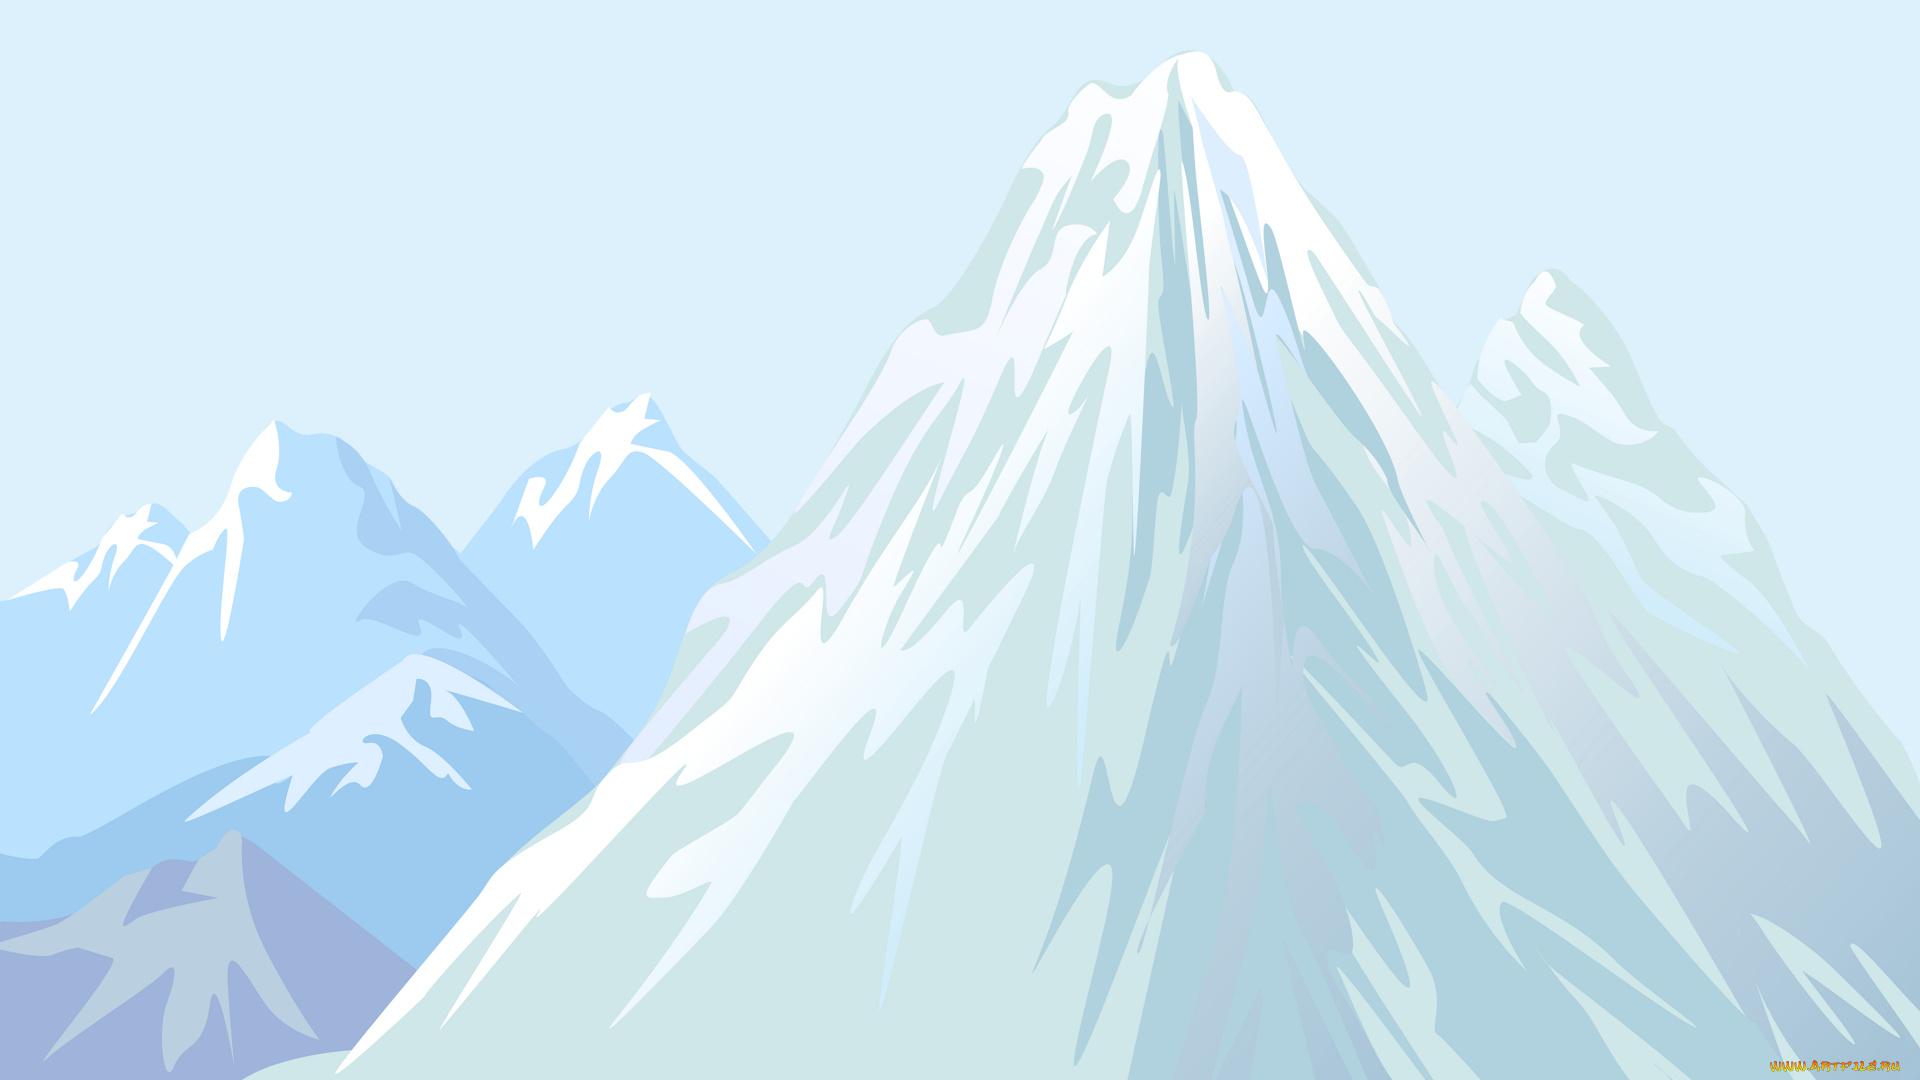 Картинка горы для детей на прозрачном фоне